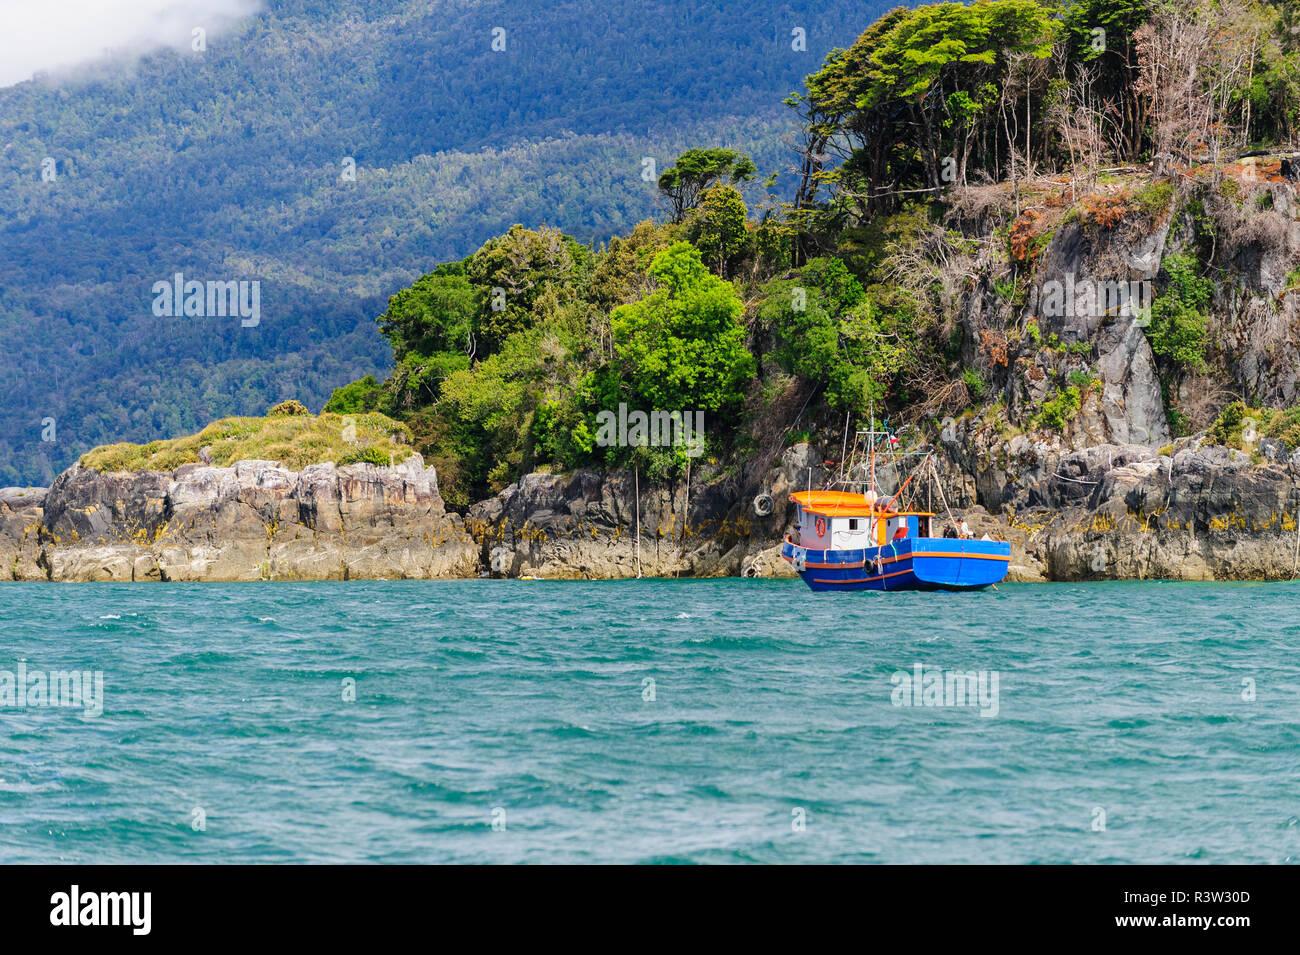 Chile, Patagonia, Lake District. Botes de pesca anclados en el Seno de Reloncaví. Imagen De Stock